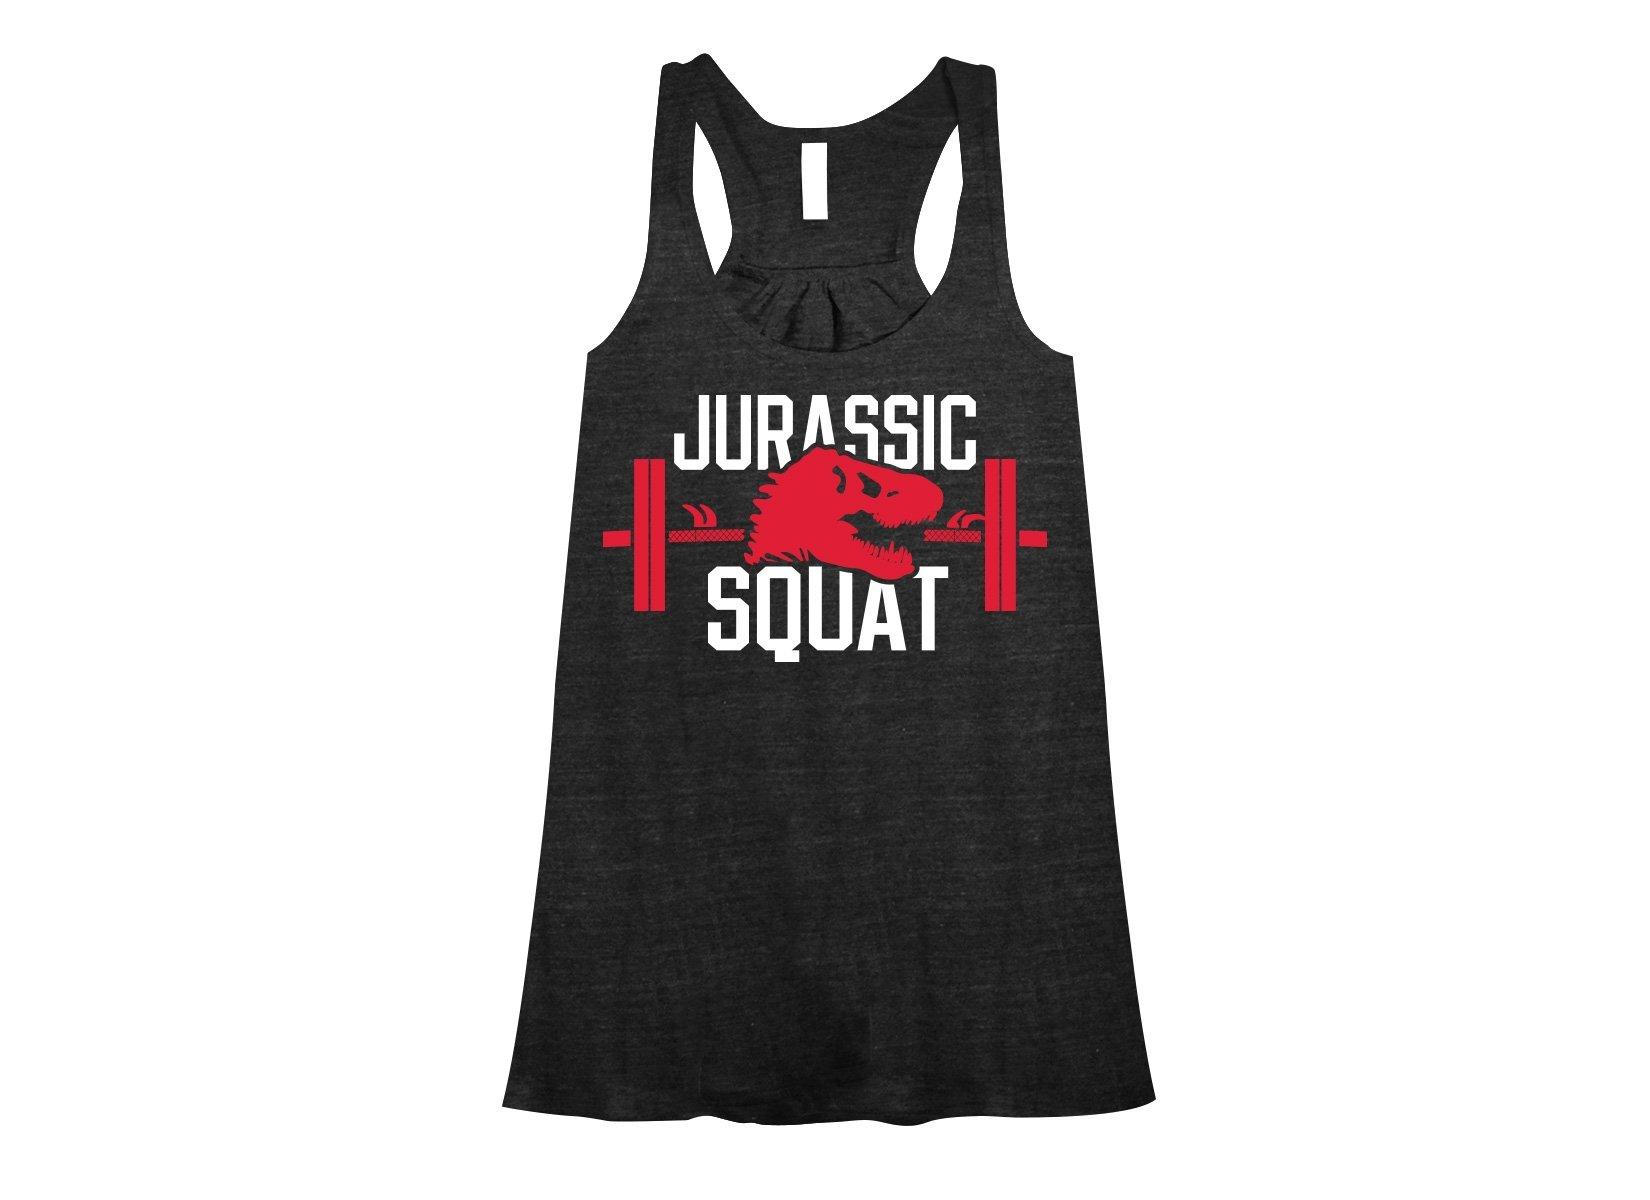 Jurassic Squat on Womens Tanks T-Shirt